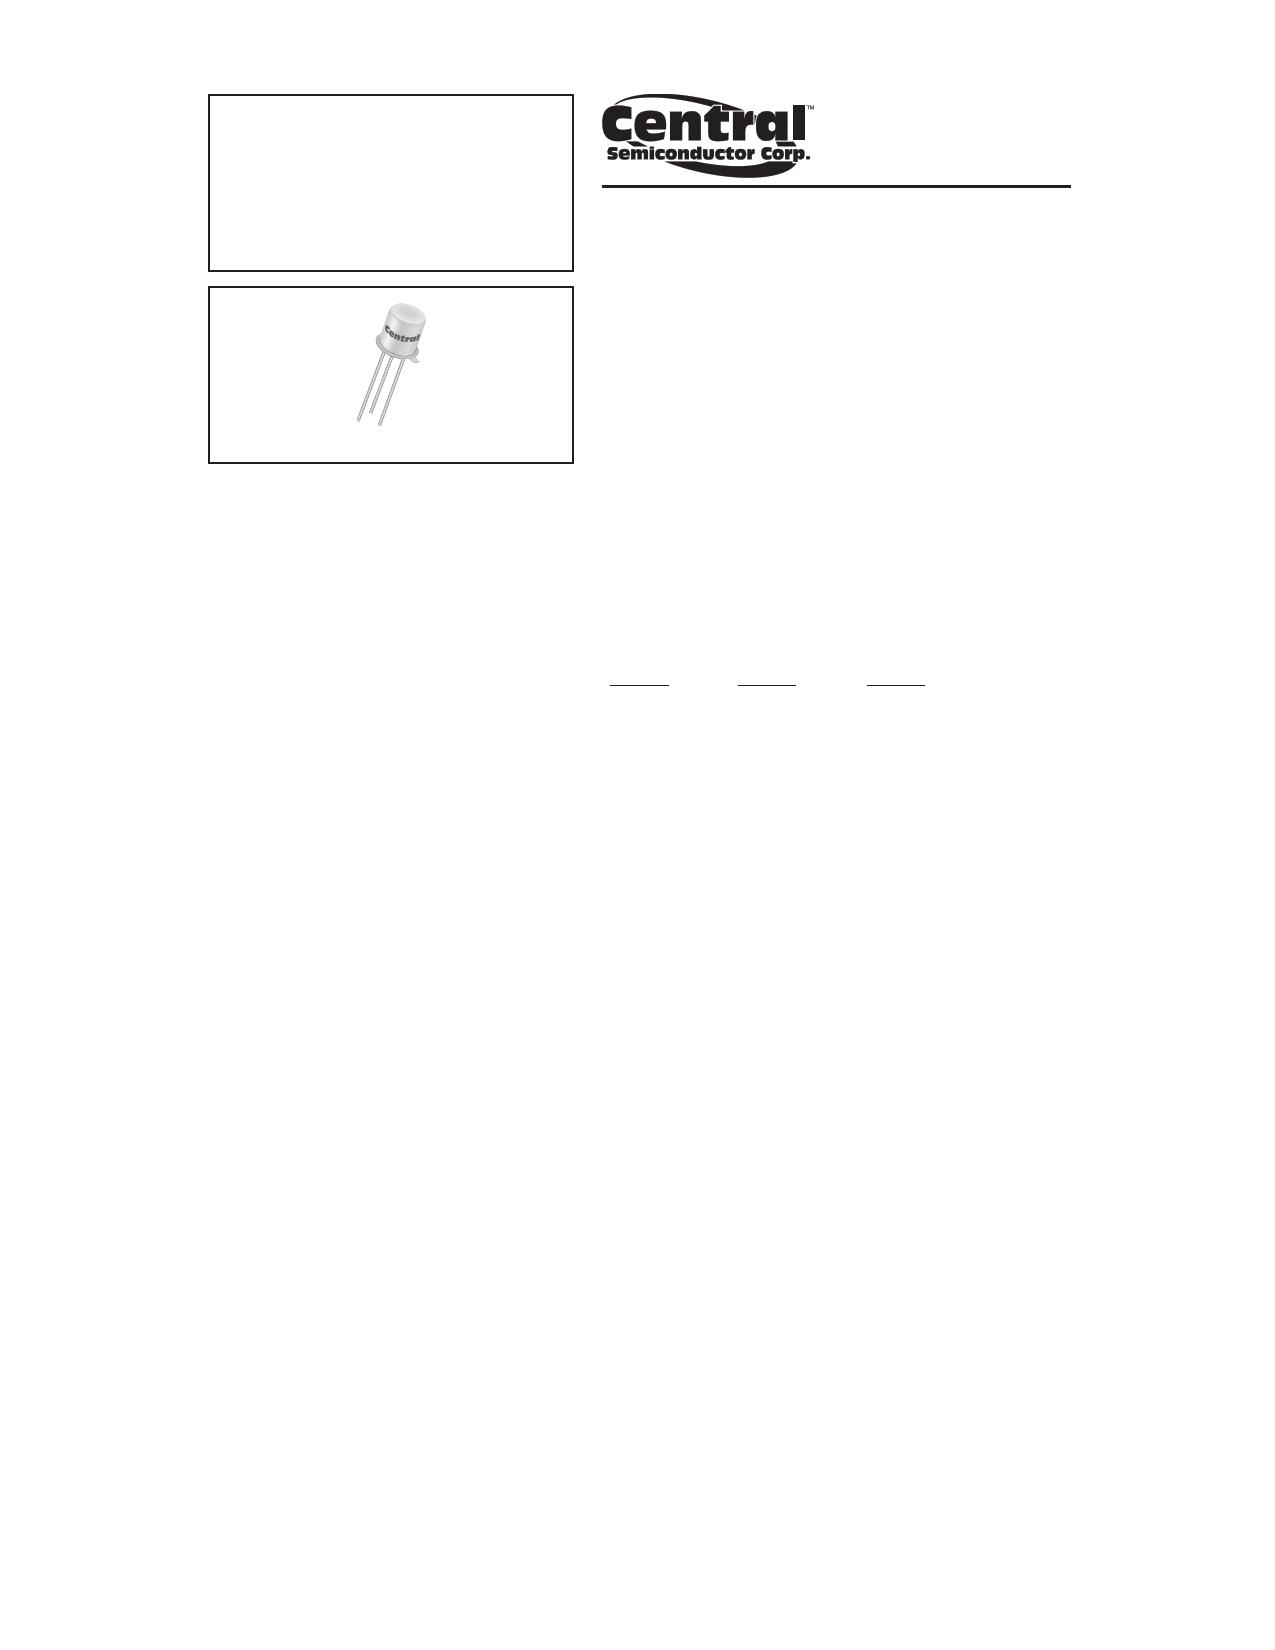 2N5116 Datasheet, 2N5116 PDF,ピン配置, 機能